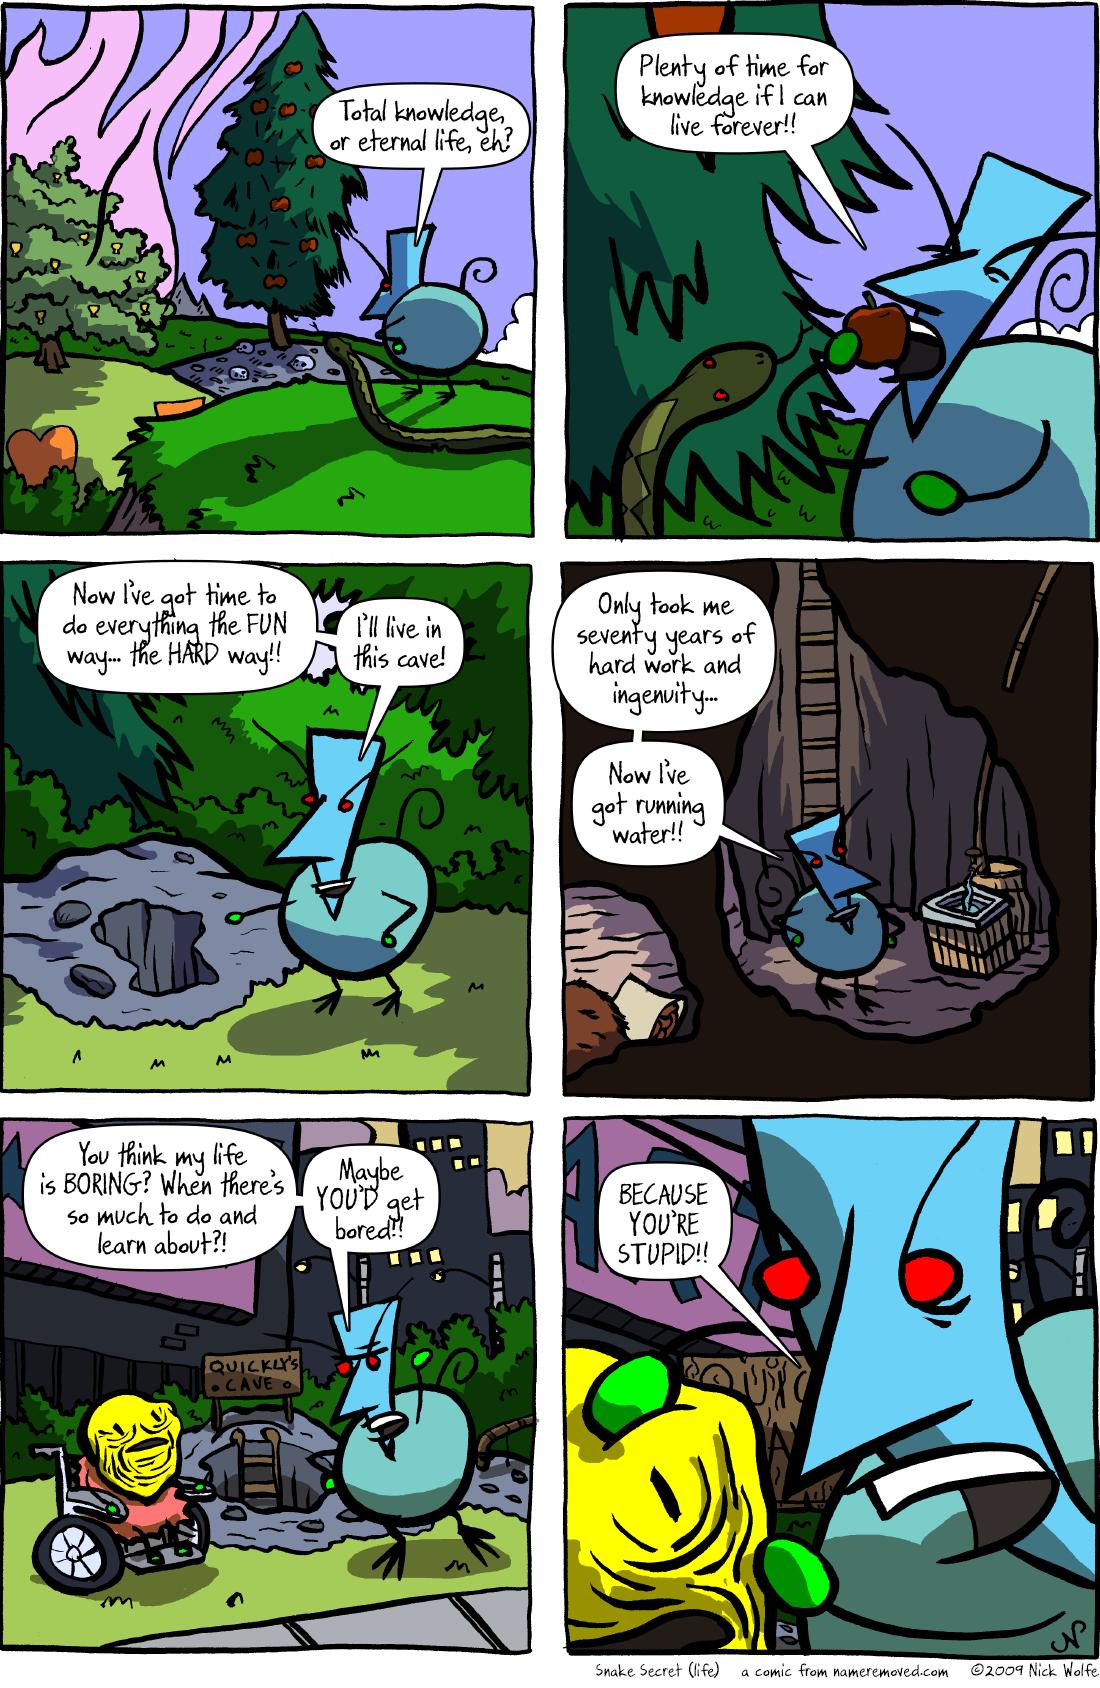 Snake Secret (life)